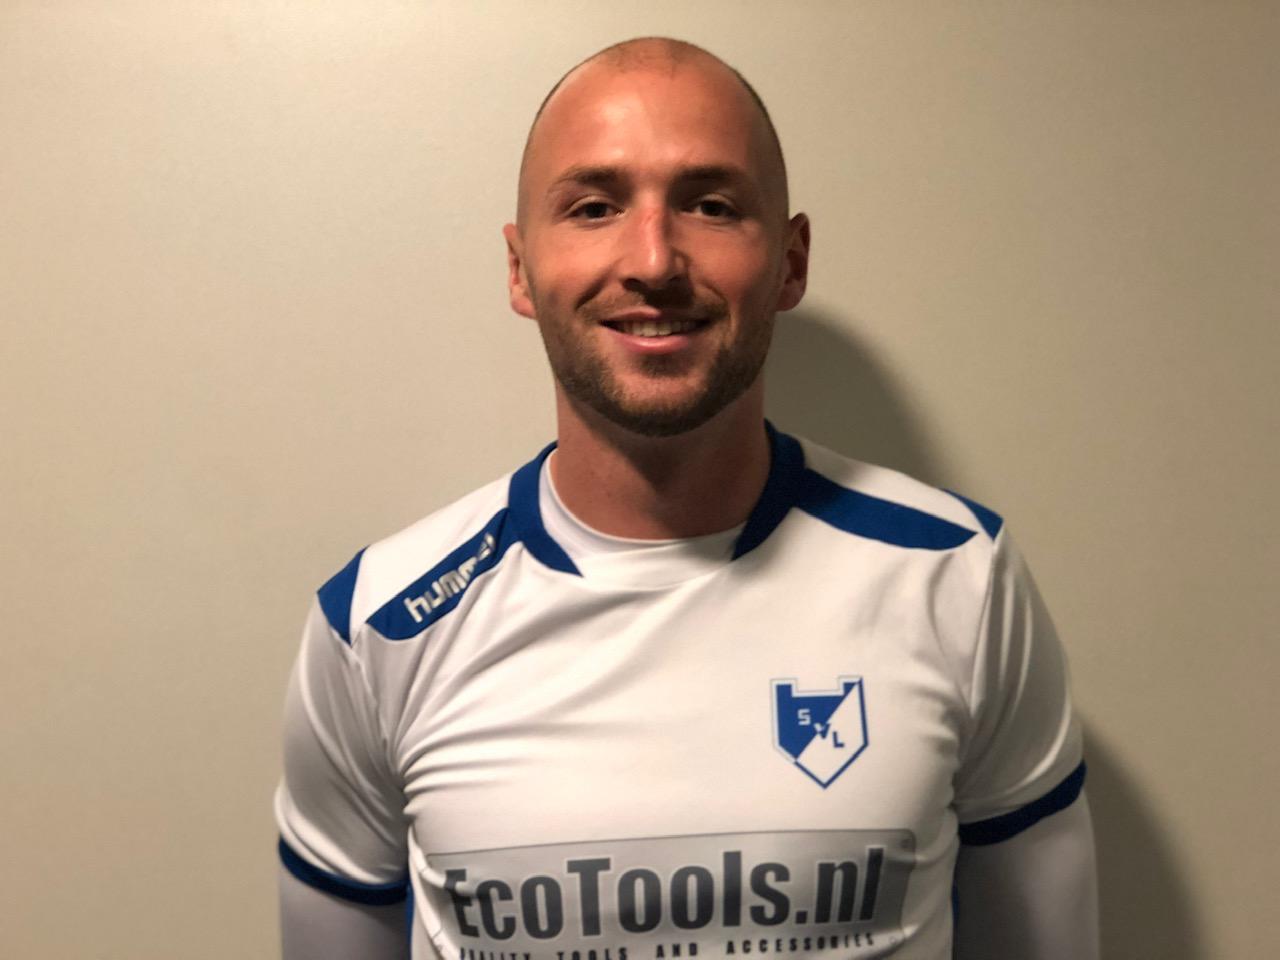 Nieuwkomers Glenn en Matthijs spelen ook komend jaar voor SVL. Jeff van de Bult gaat ook voor zijn derde seizoen bij SVL.